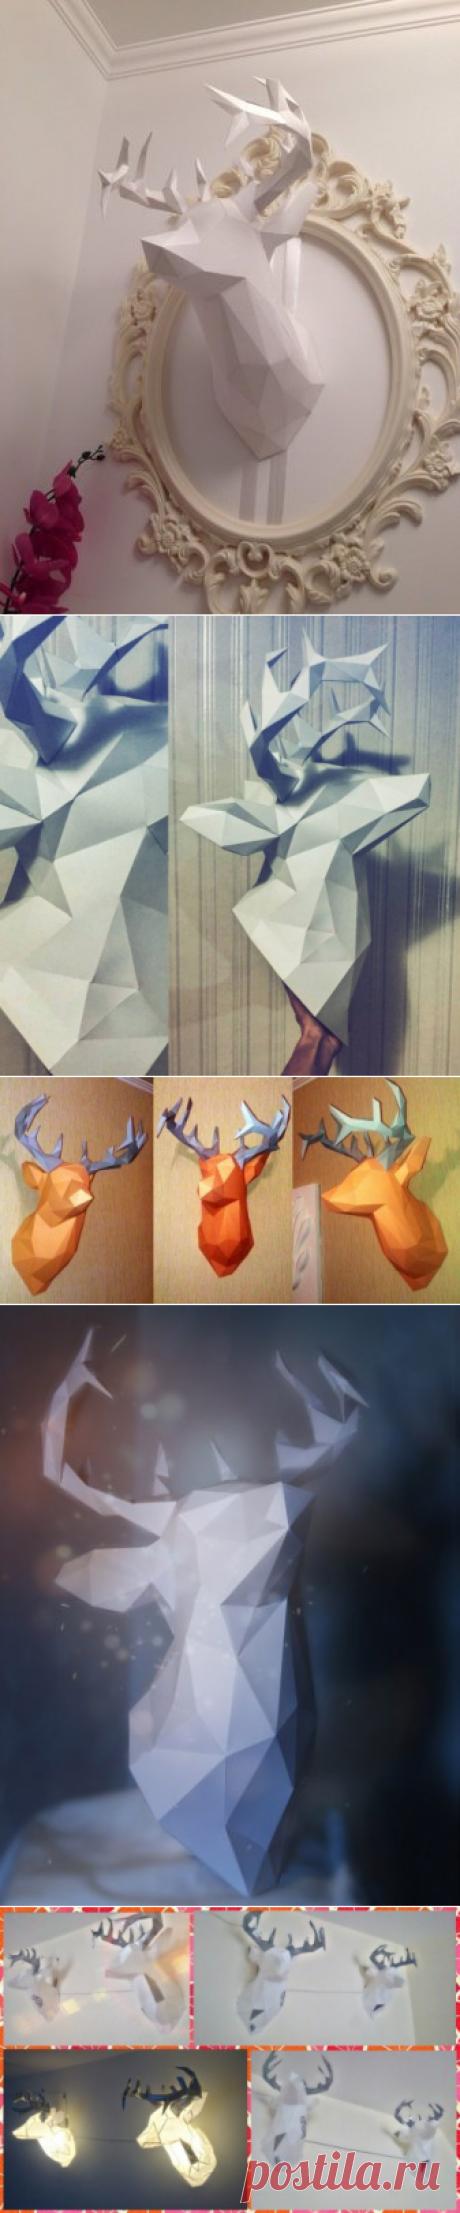 Паперкрафт олень, макет и развертка головы оленя